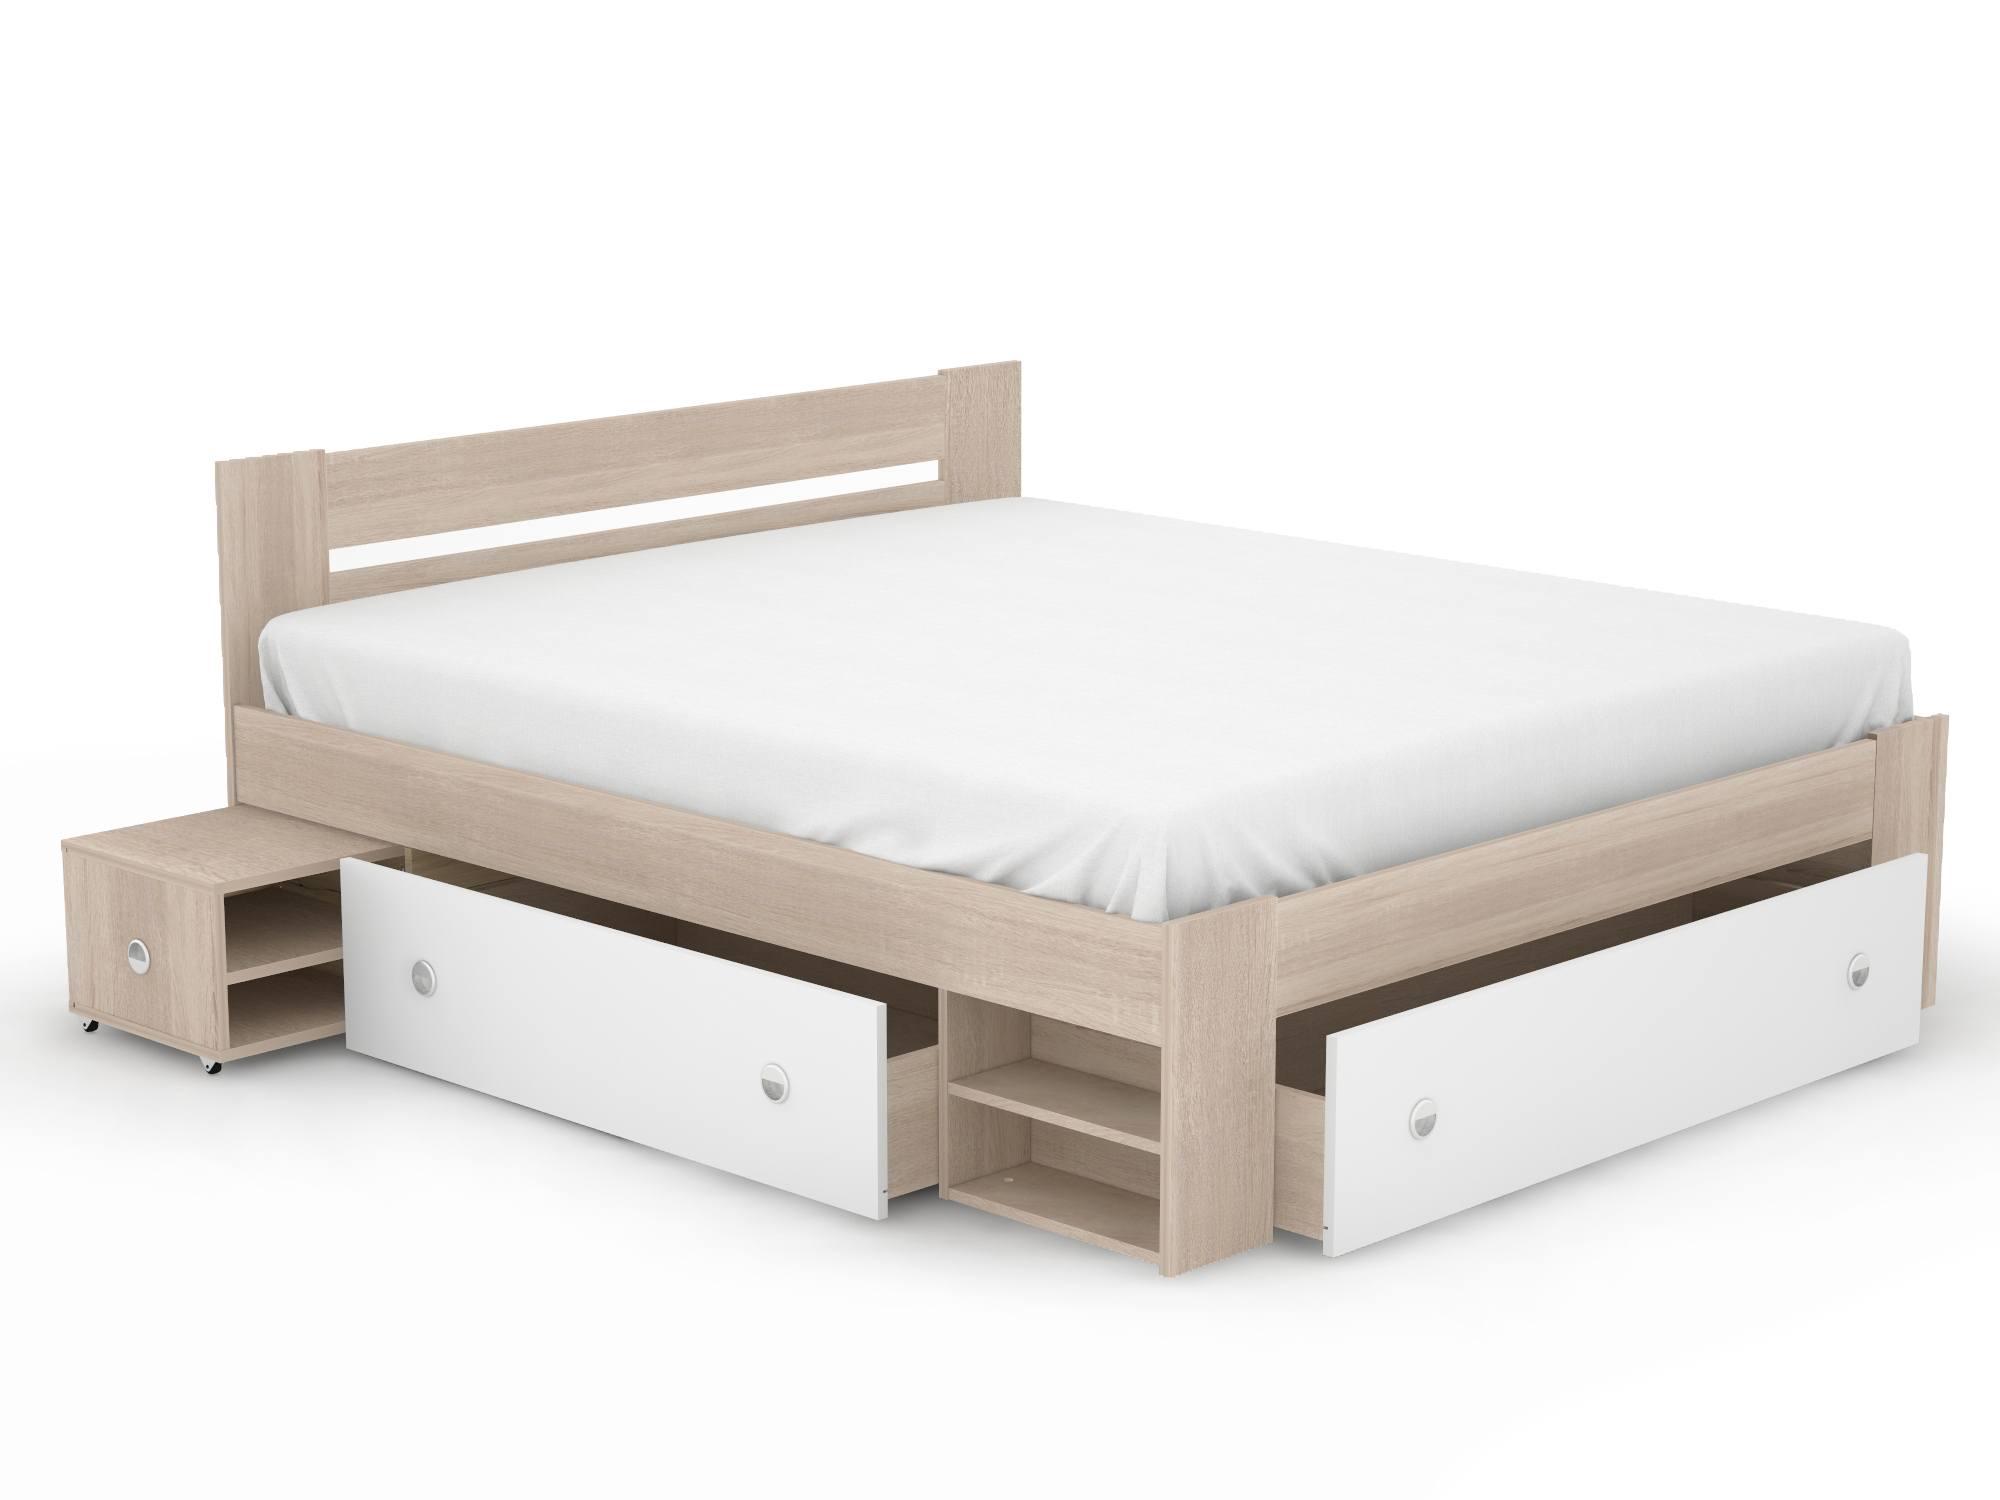 Кровать Стефан (180х200) Белый, Бежевый, КДСП тумбы прикроватные